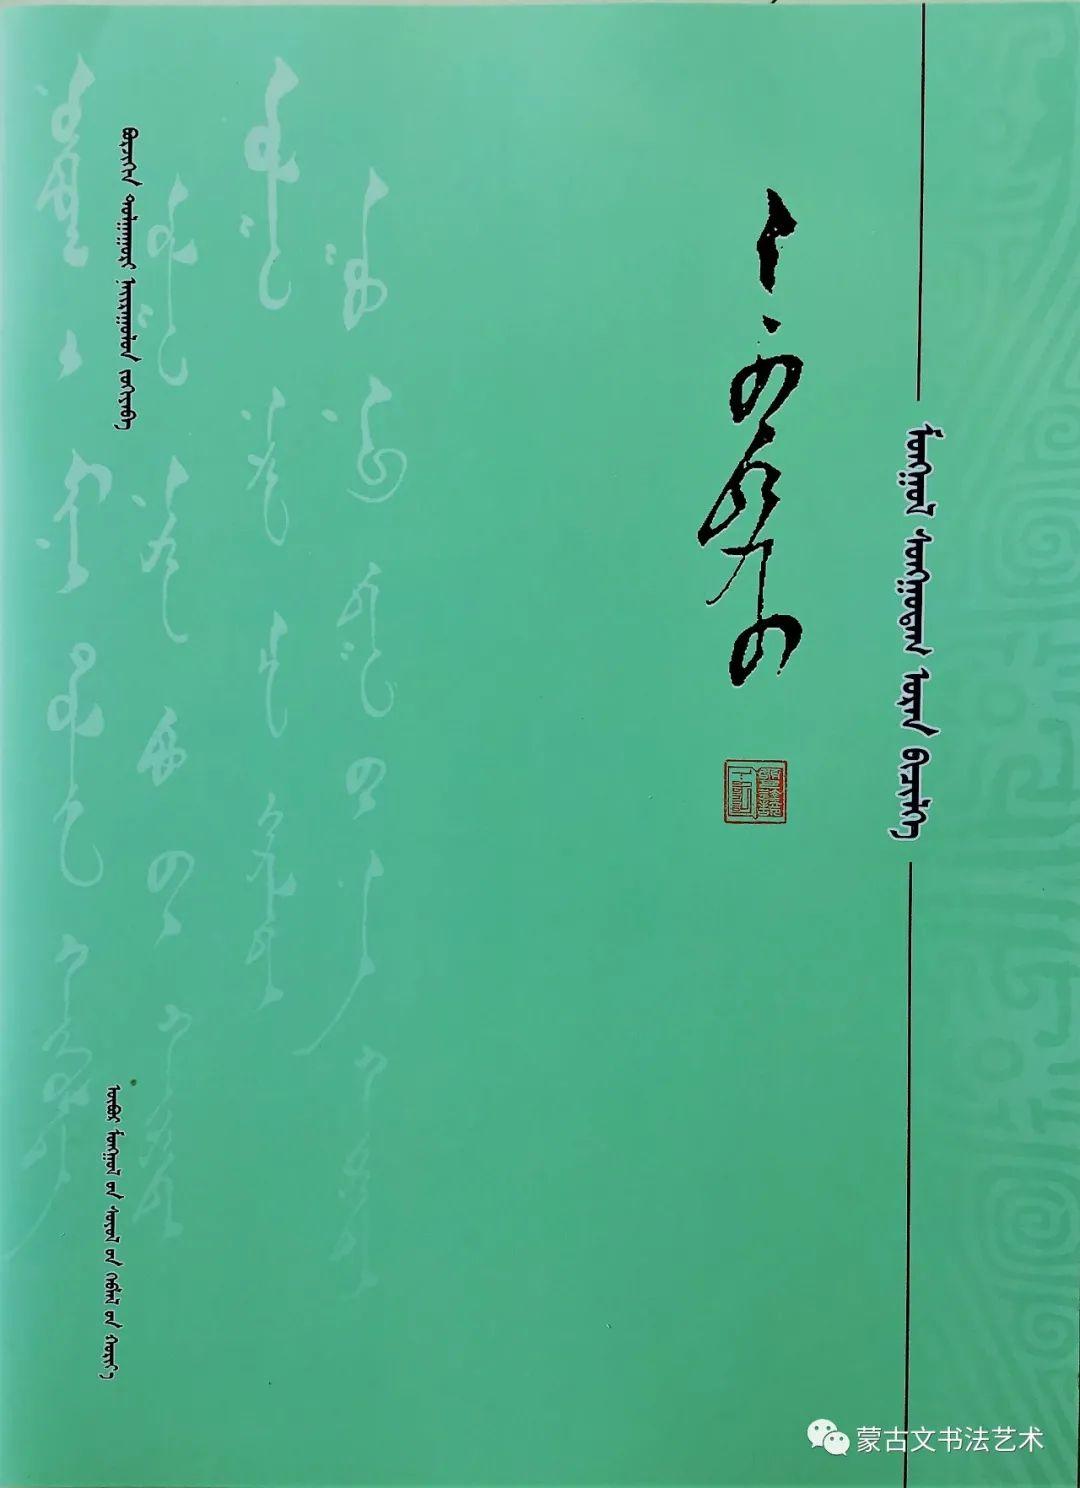 包宝柱《蒙古文经典书法》 第7张